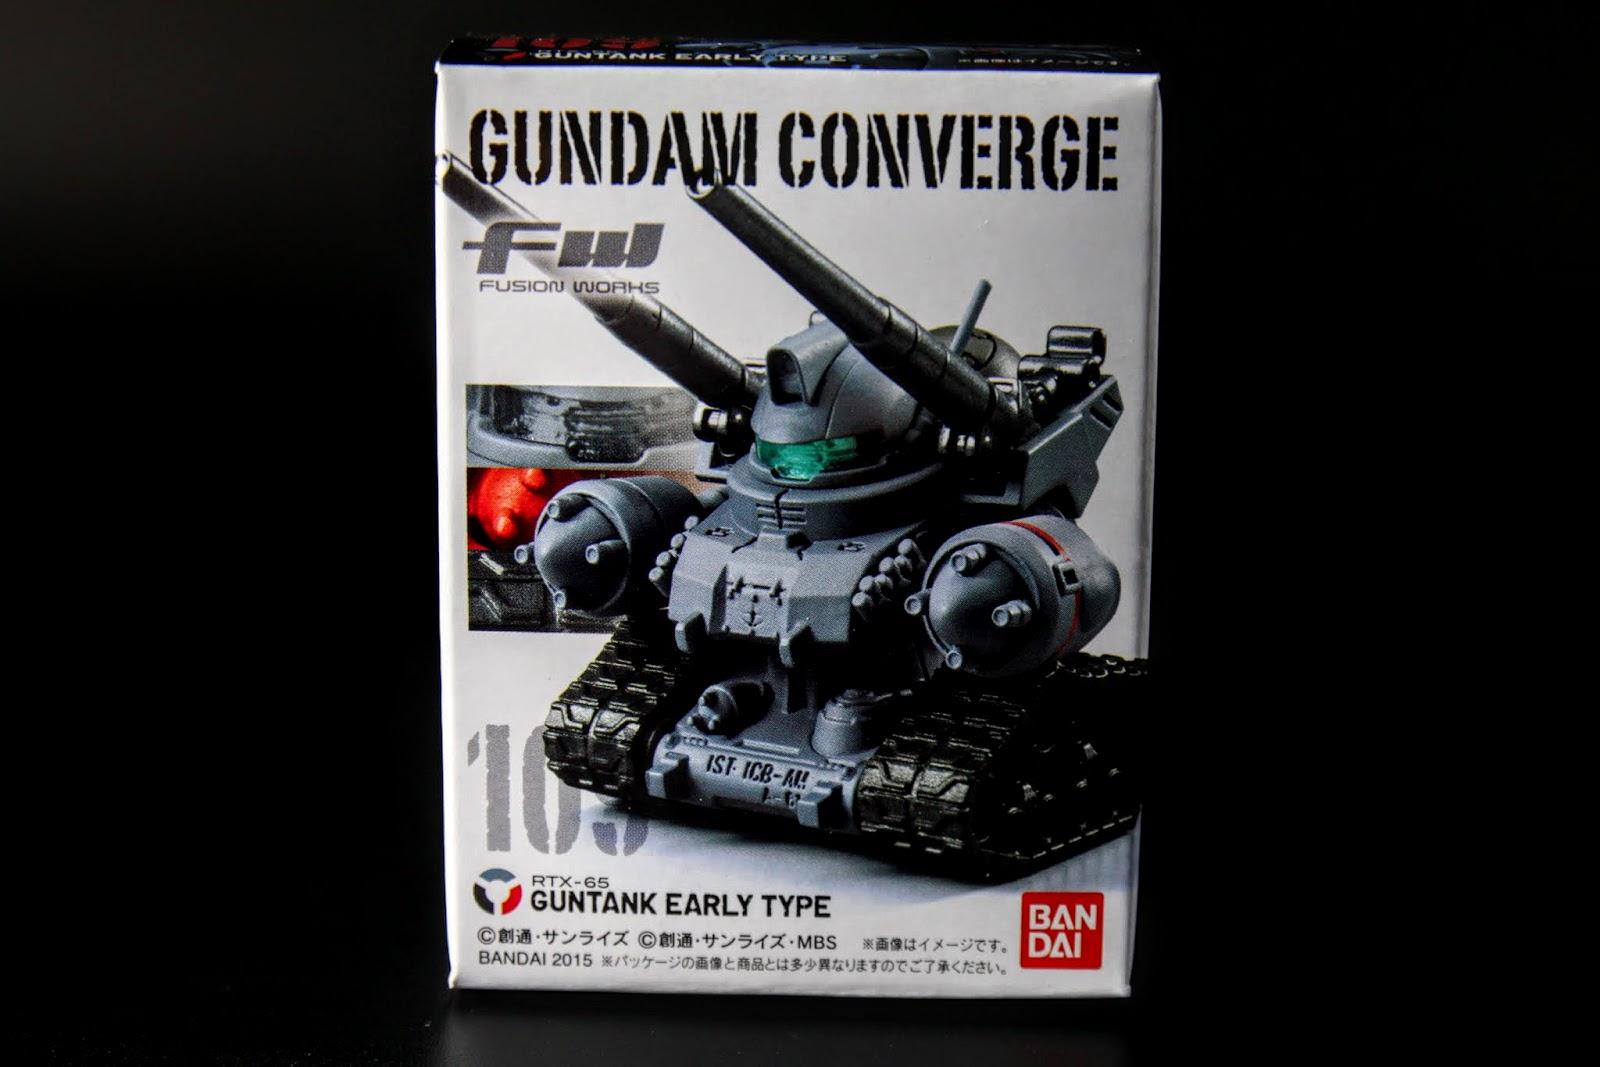 也是為了新動畫抬轎的No.109: Guntank Early Type